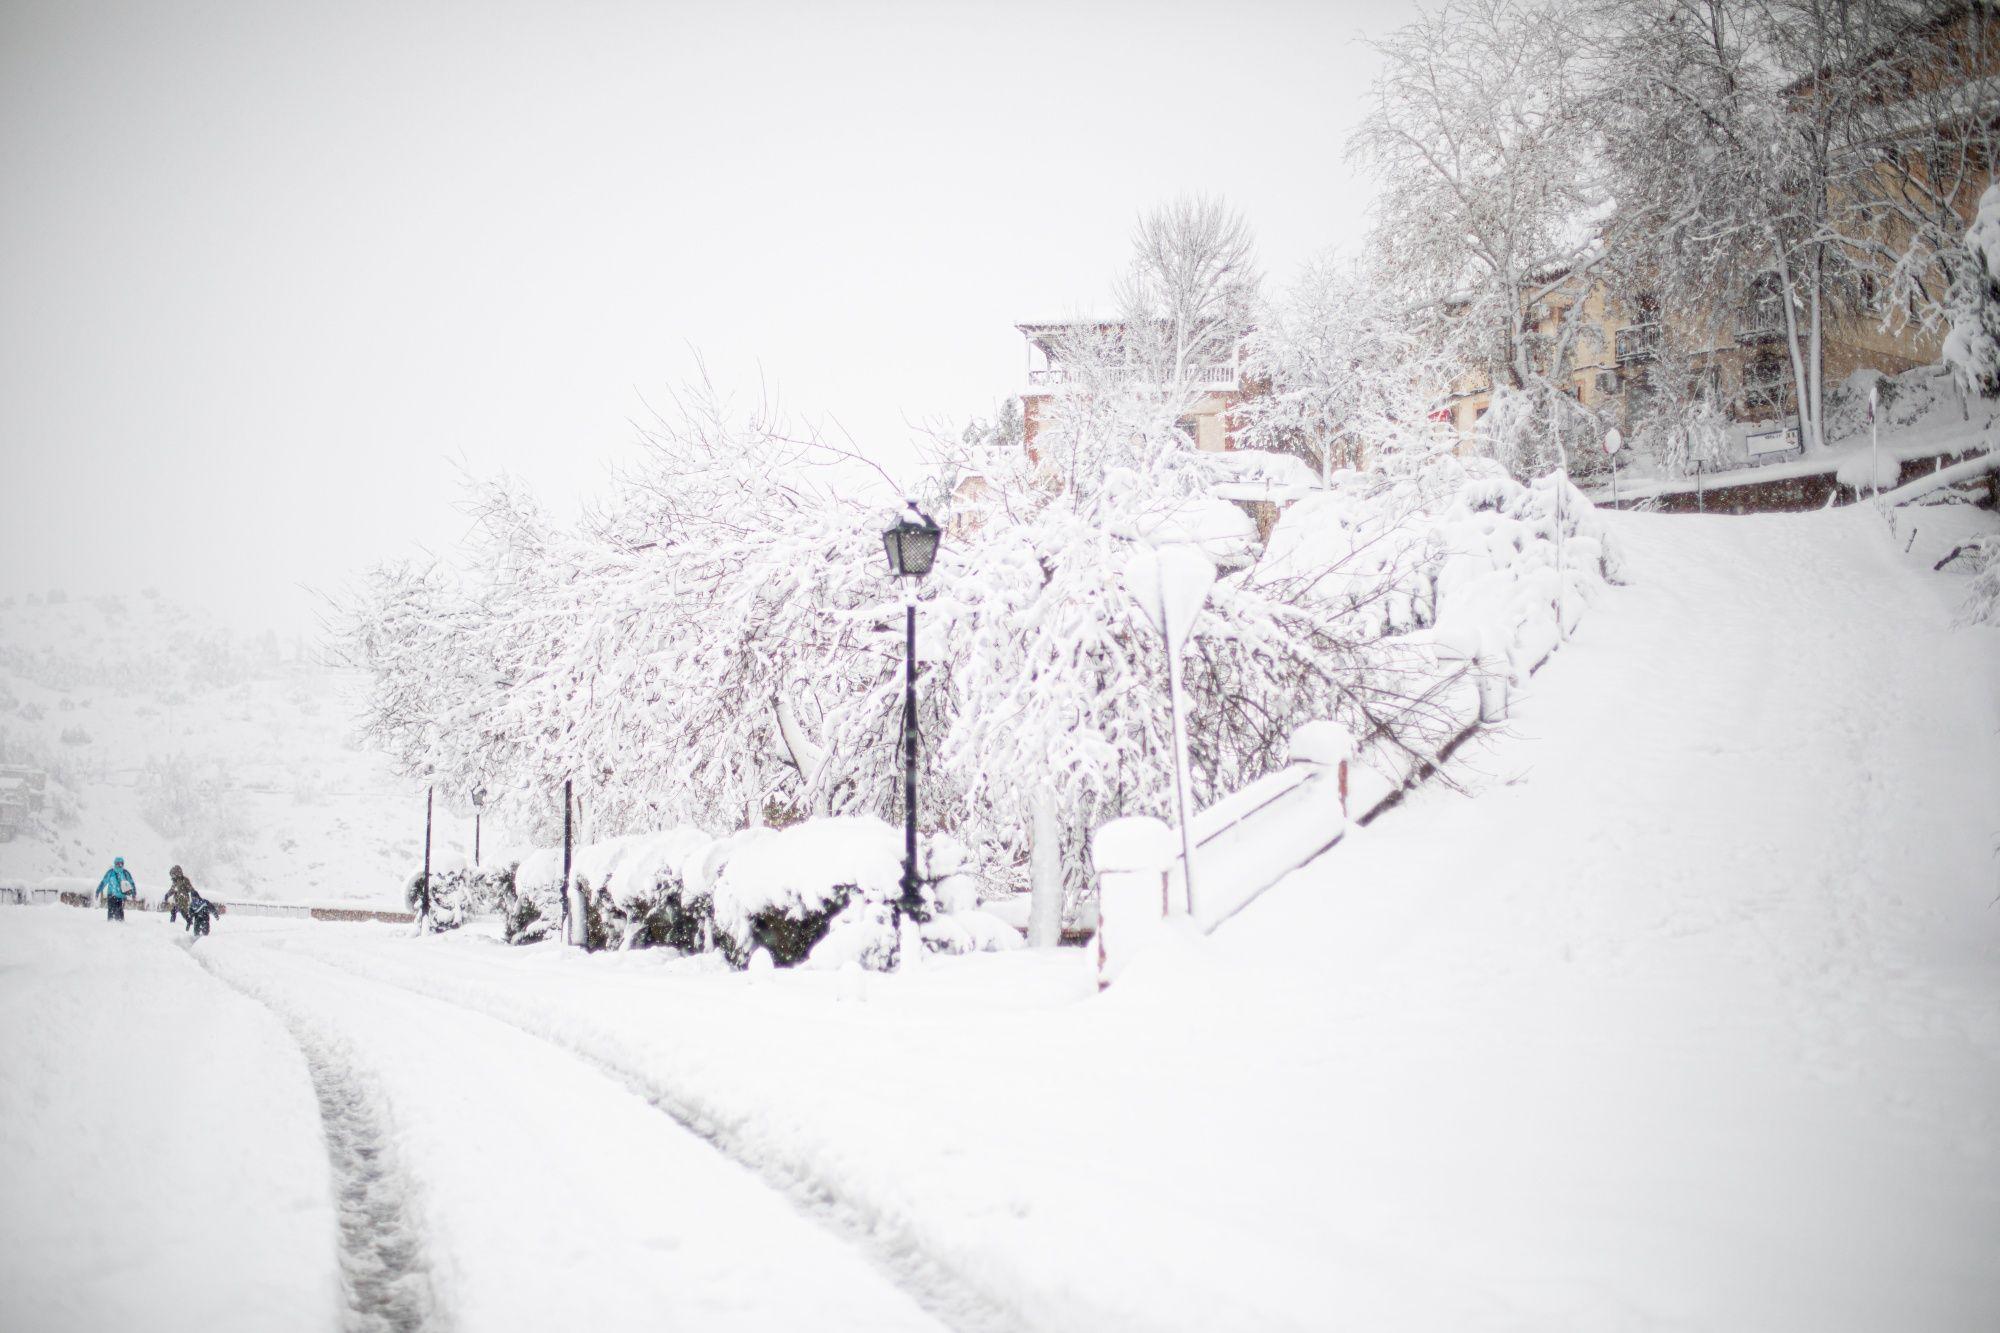 Ciudadanos considera que comprar vehículos como planea el PSOE no bastará si se produce otra gran nevada en Toledo